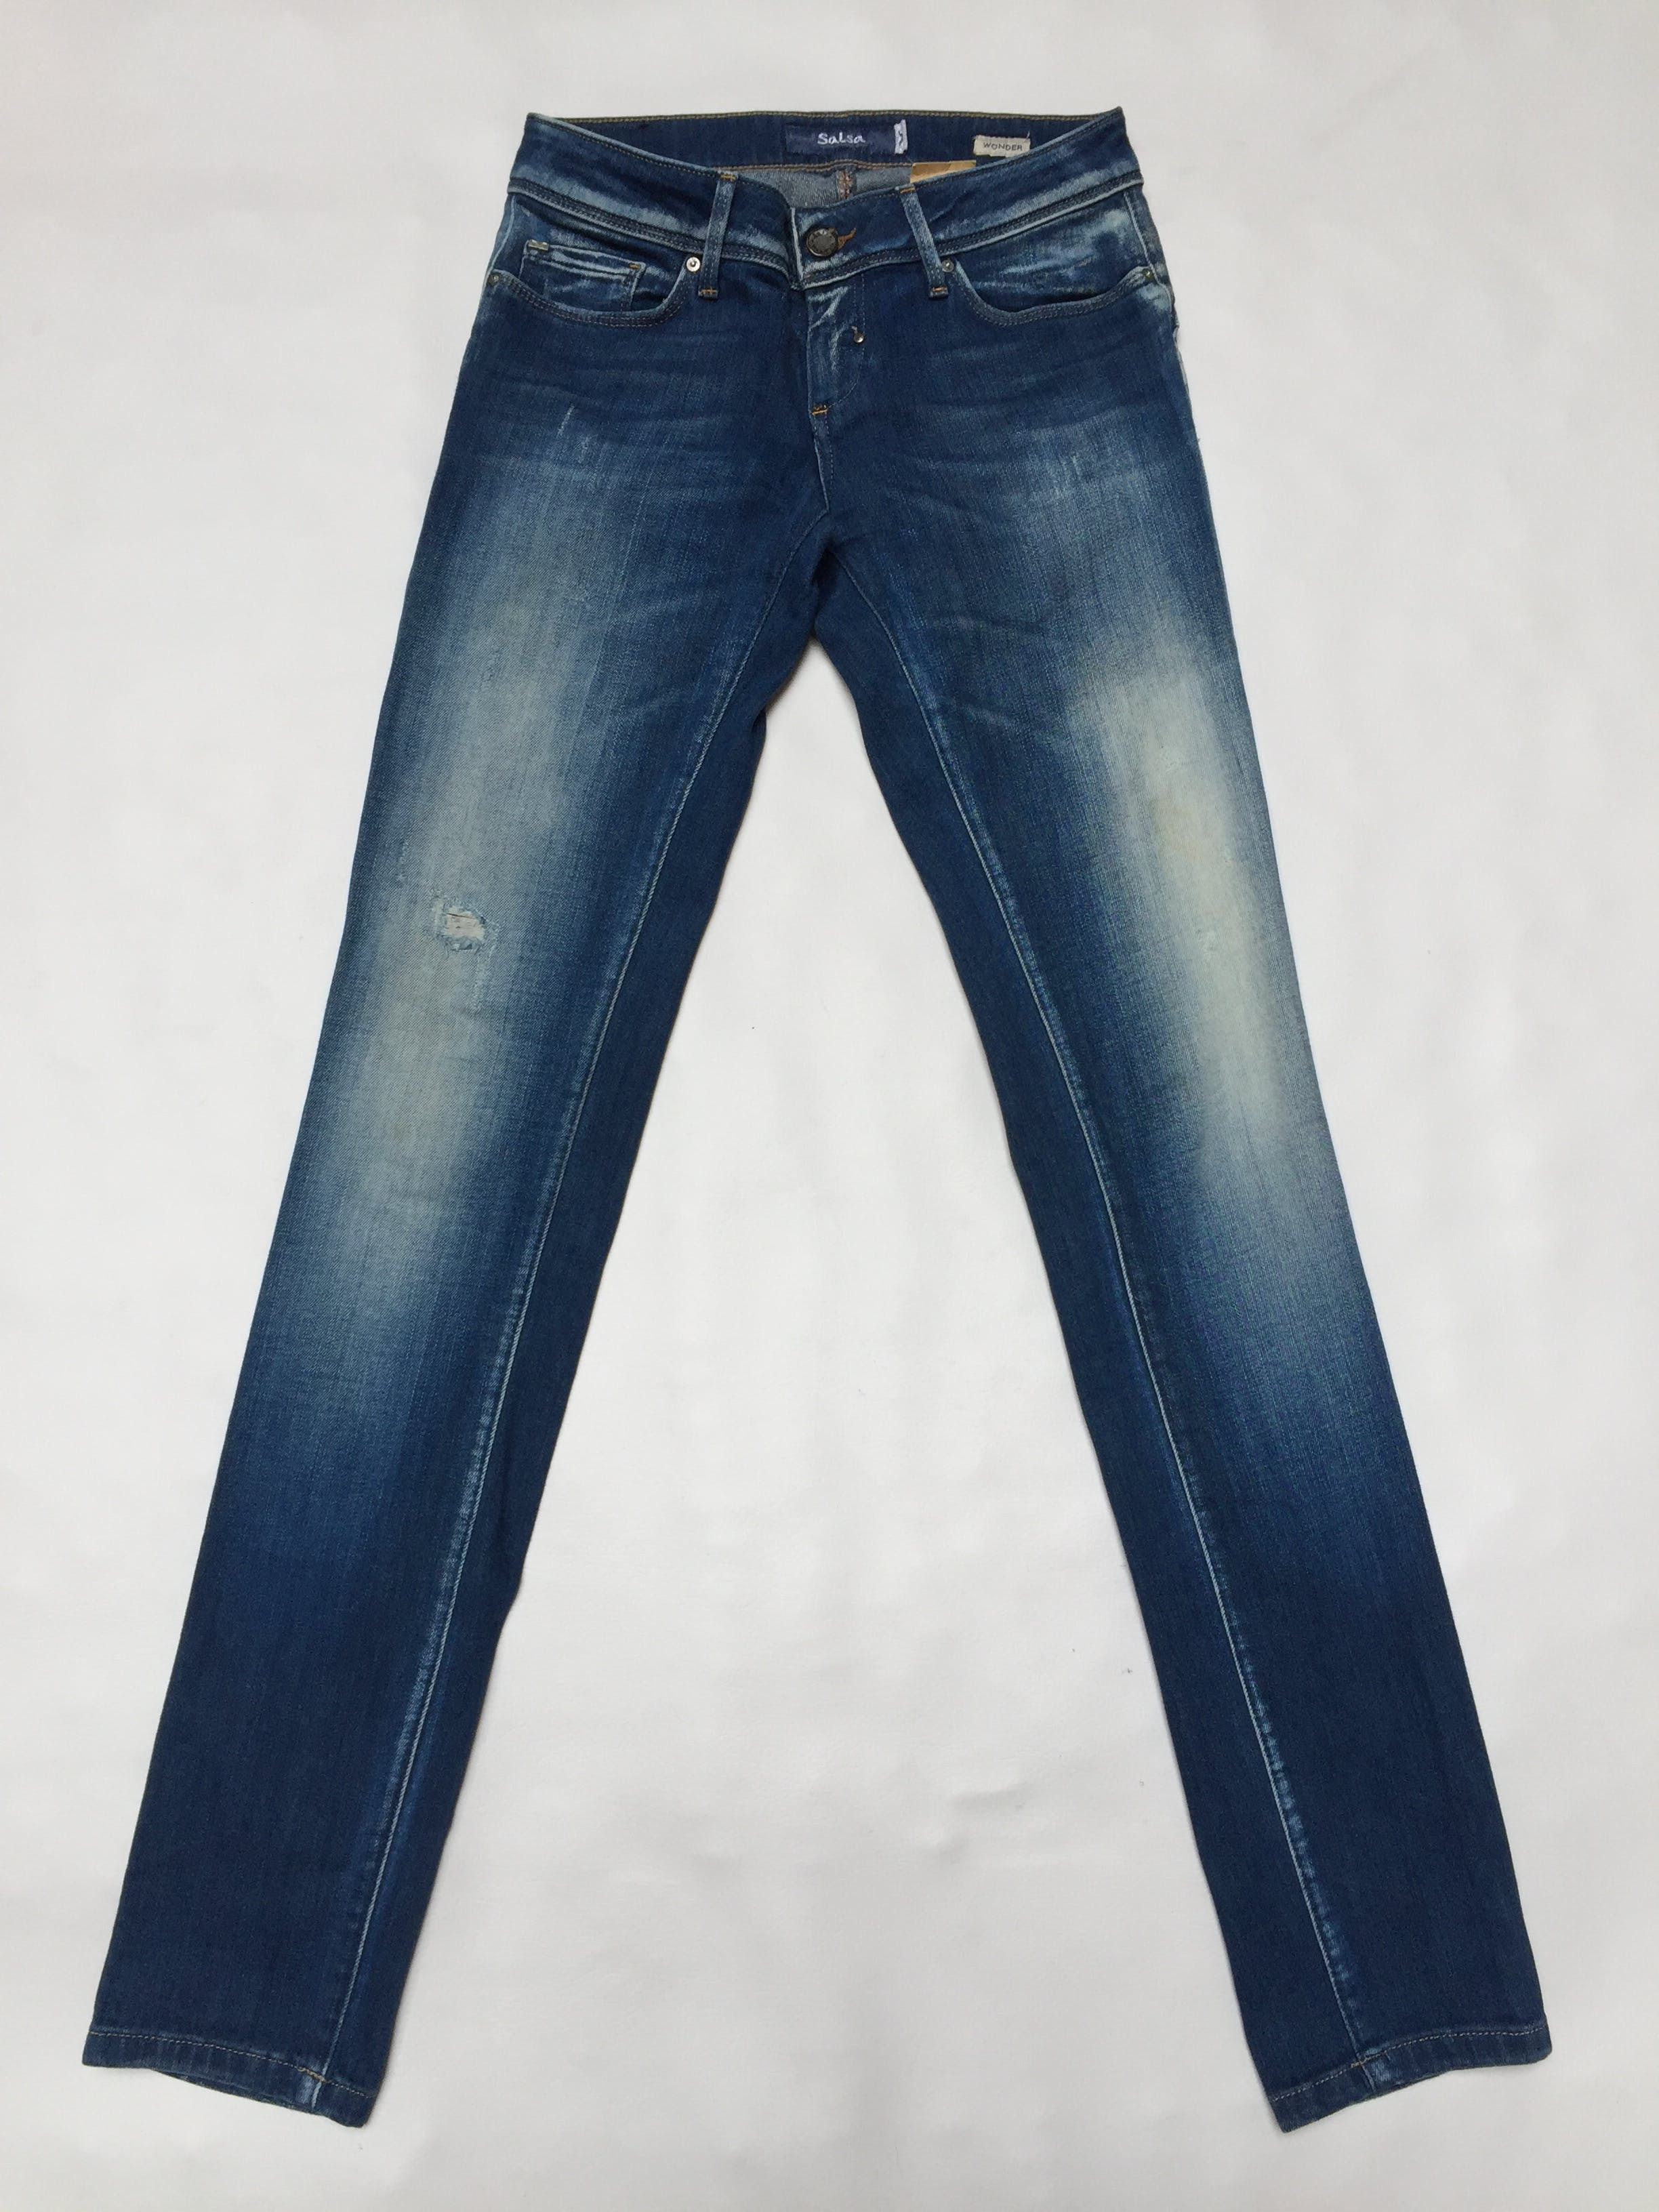 Jean Salsa, modelo wonder-push up, tiene un corte especial para formar derrier.  Pitillo, 92% algodón, focalizado. Precio original S/270 Talla 28